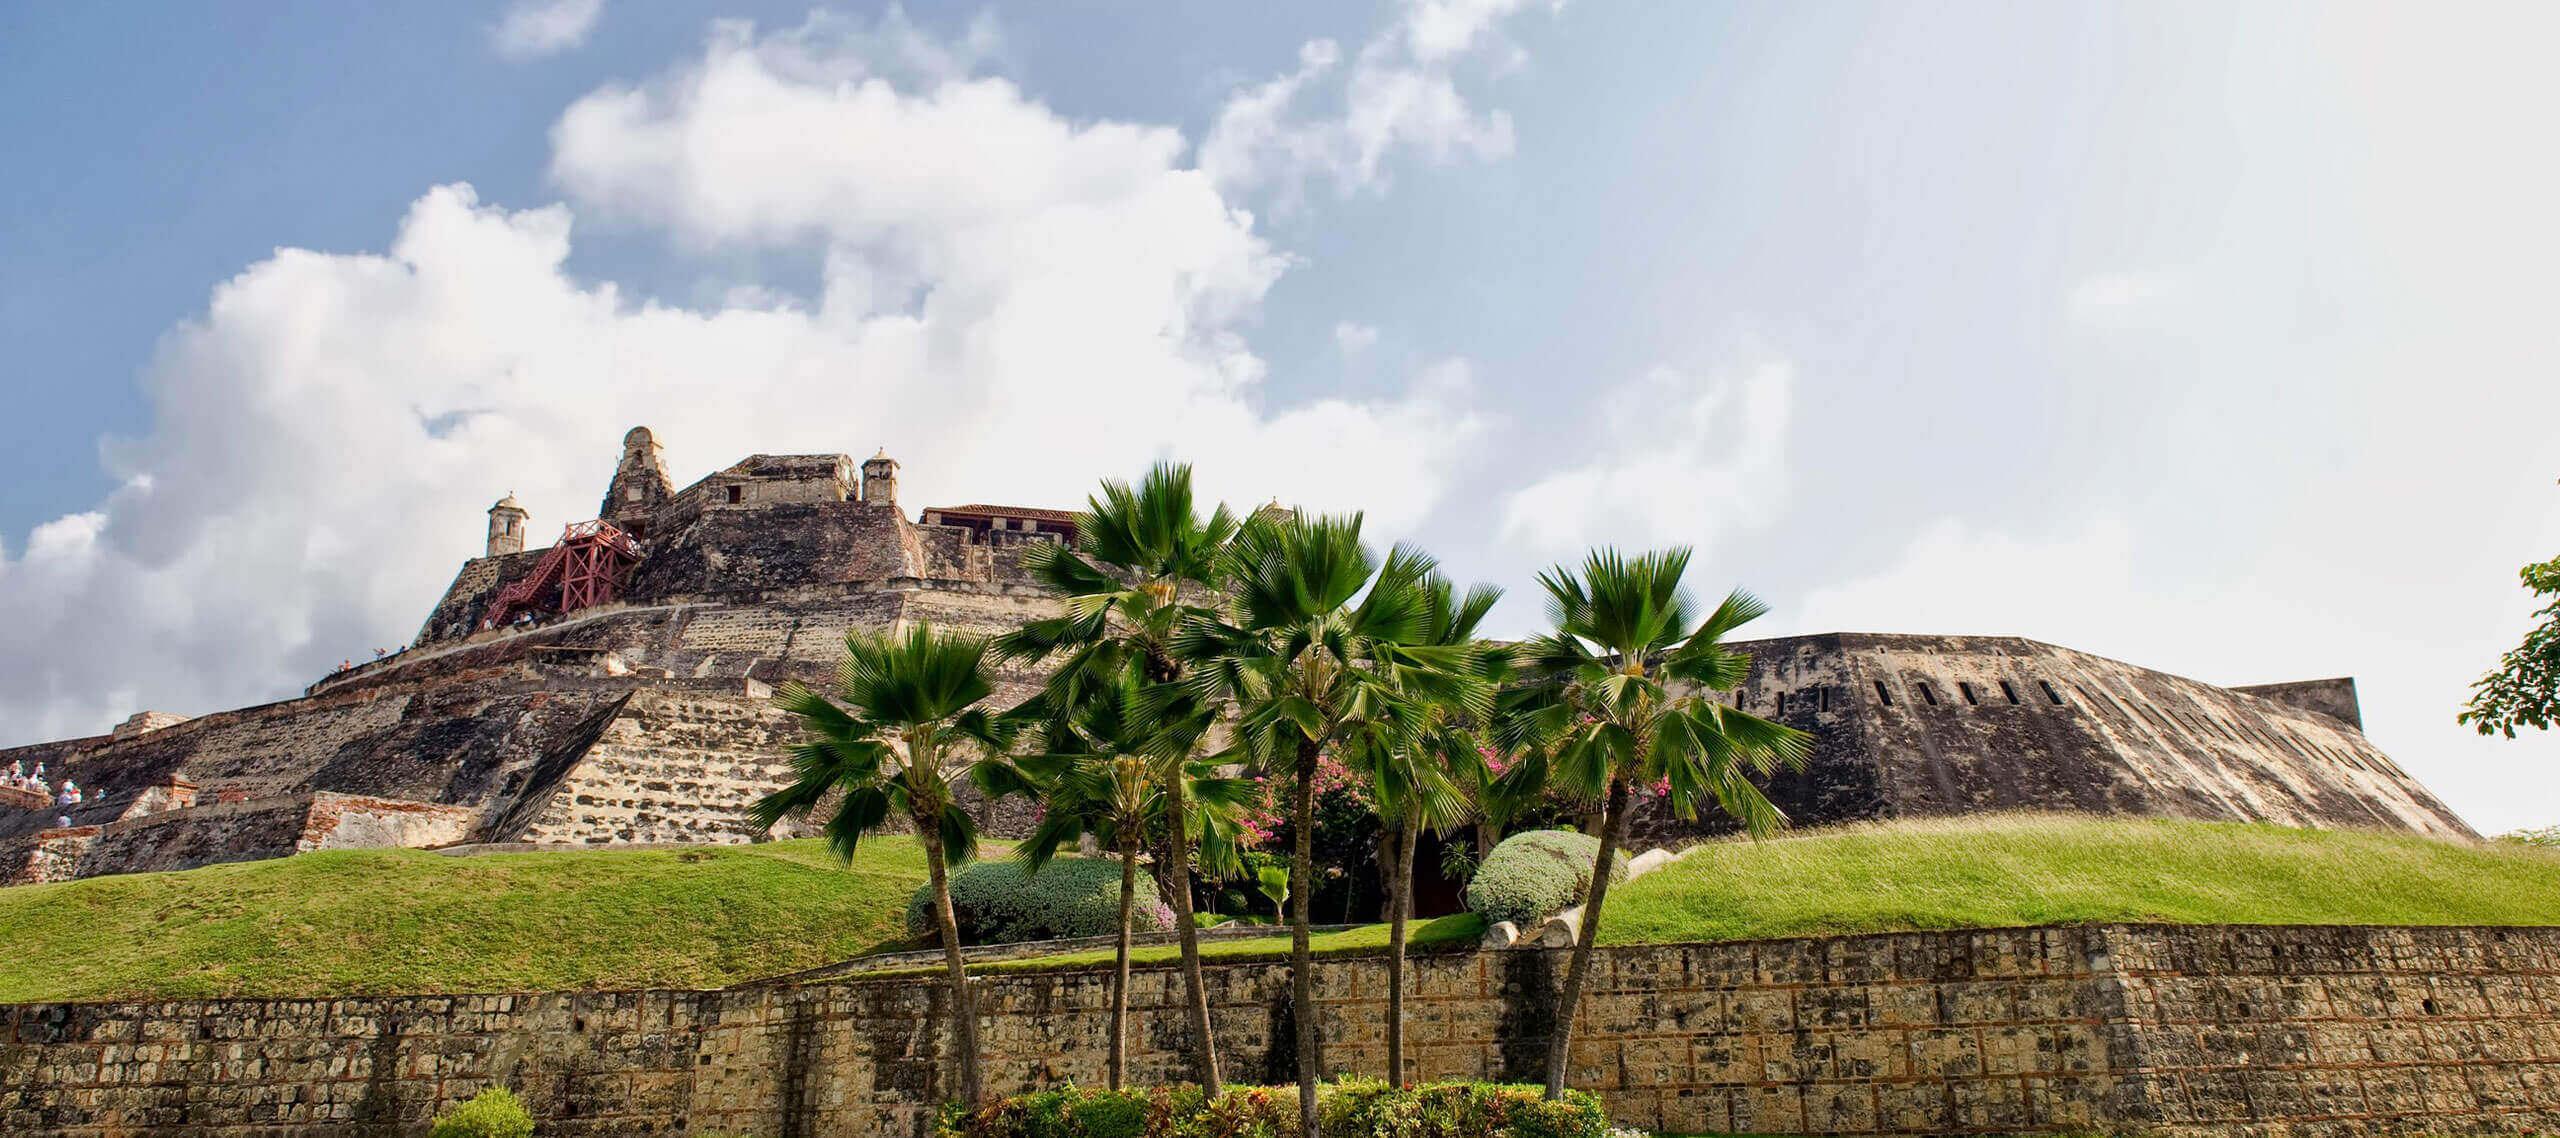 Cartagena fort on hilltop